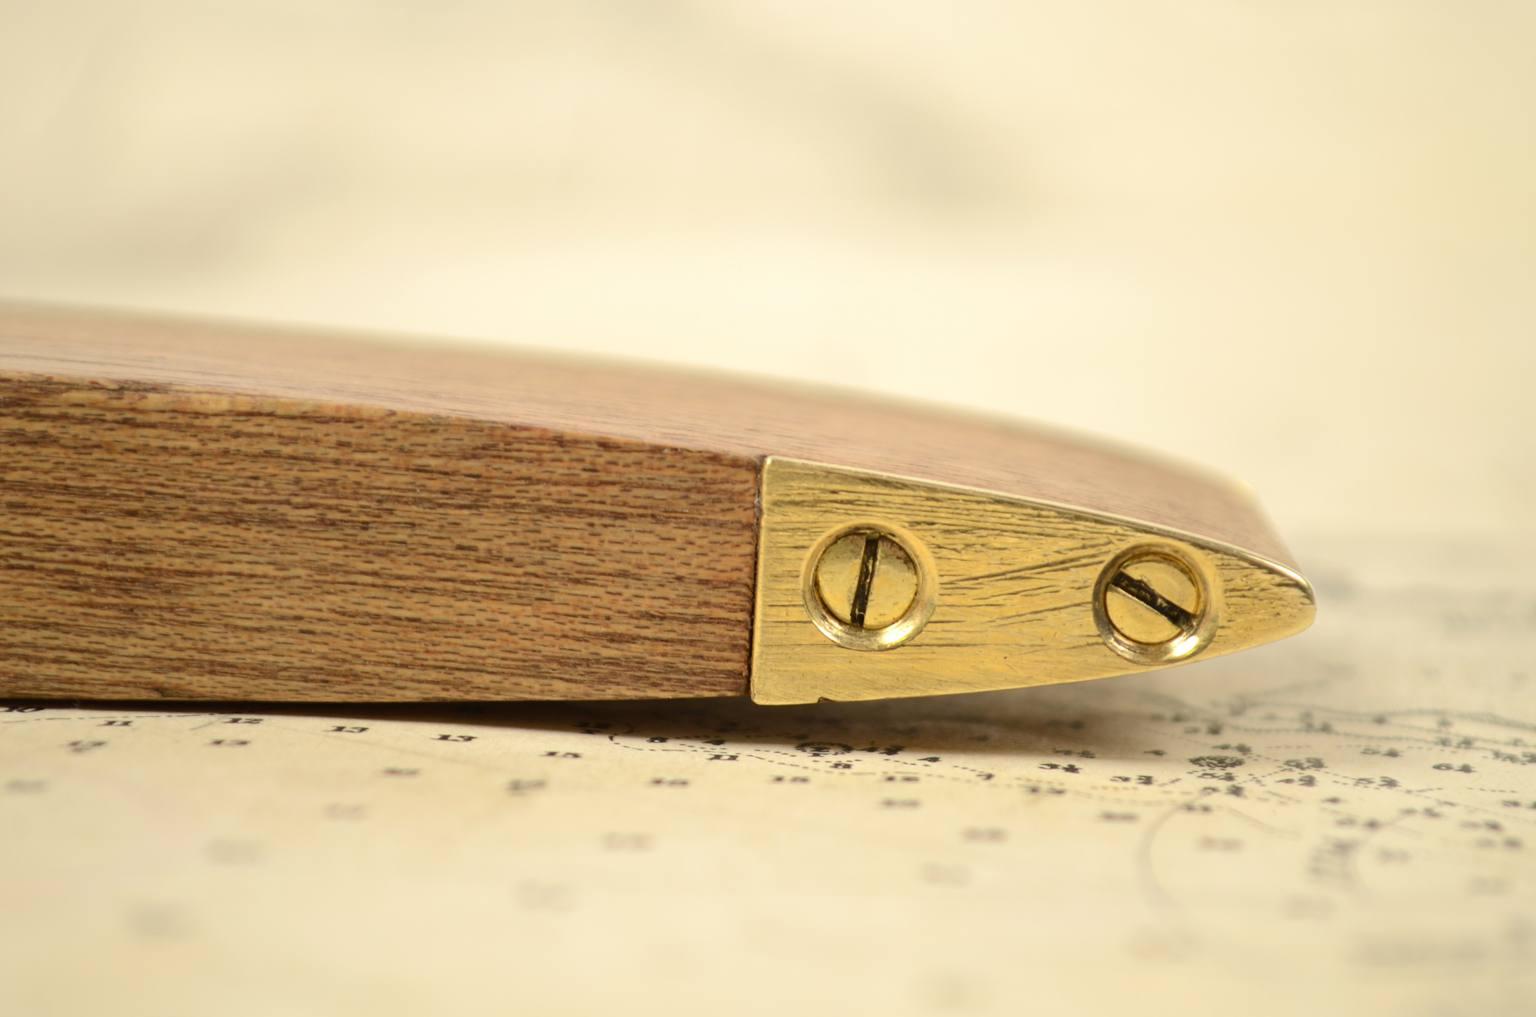 古测量工具/6006-由木材和黄铜制成的正交水位